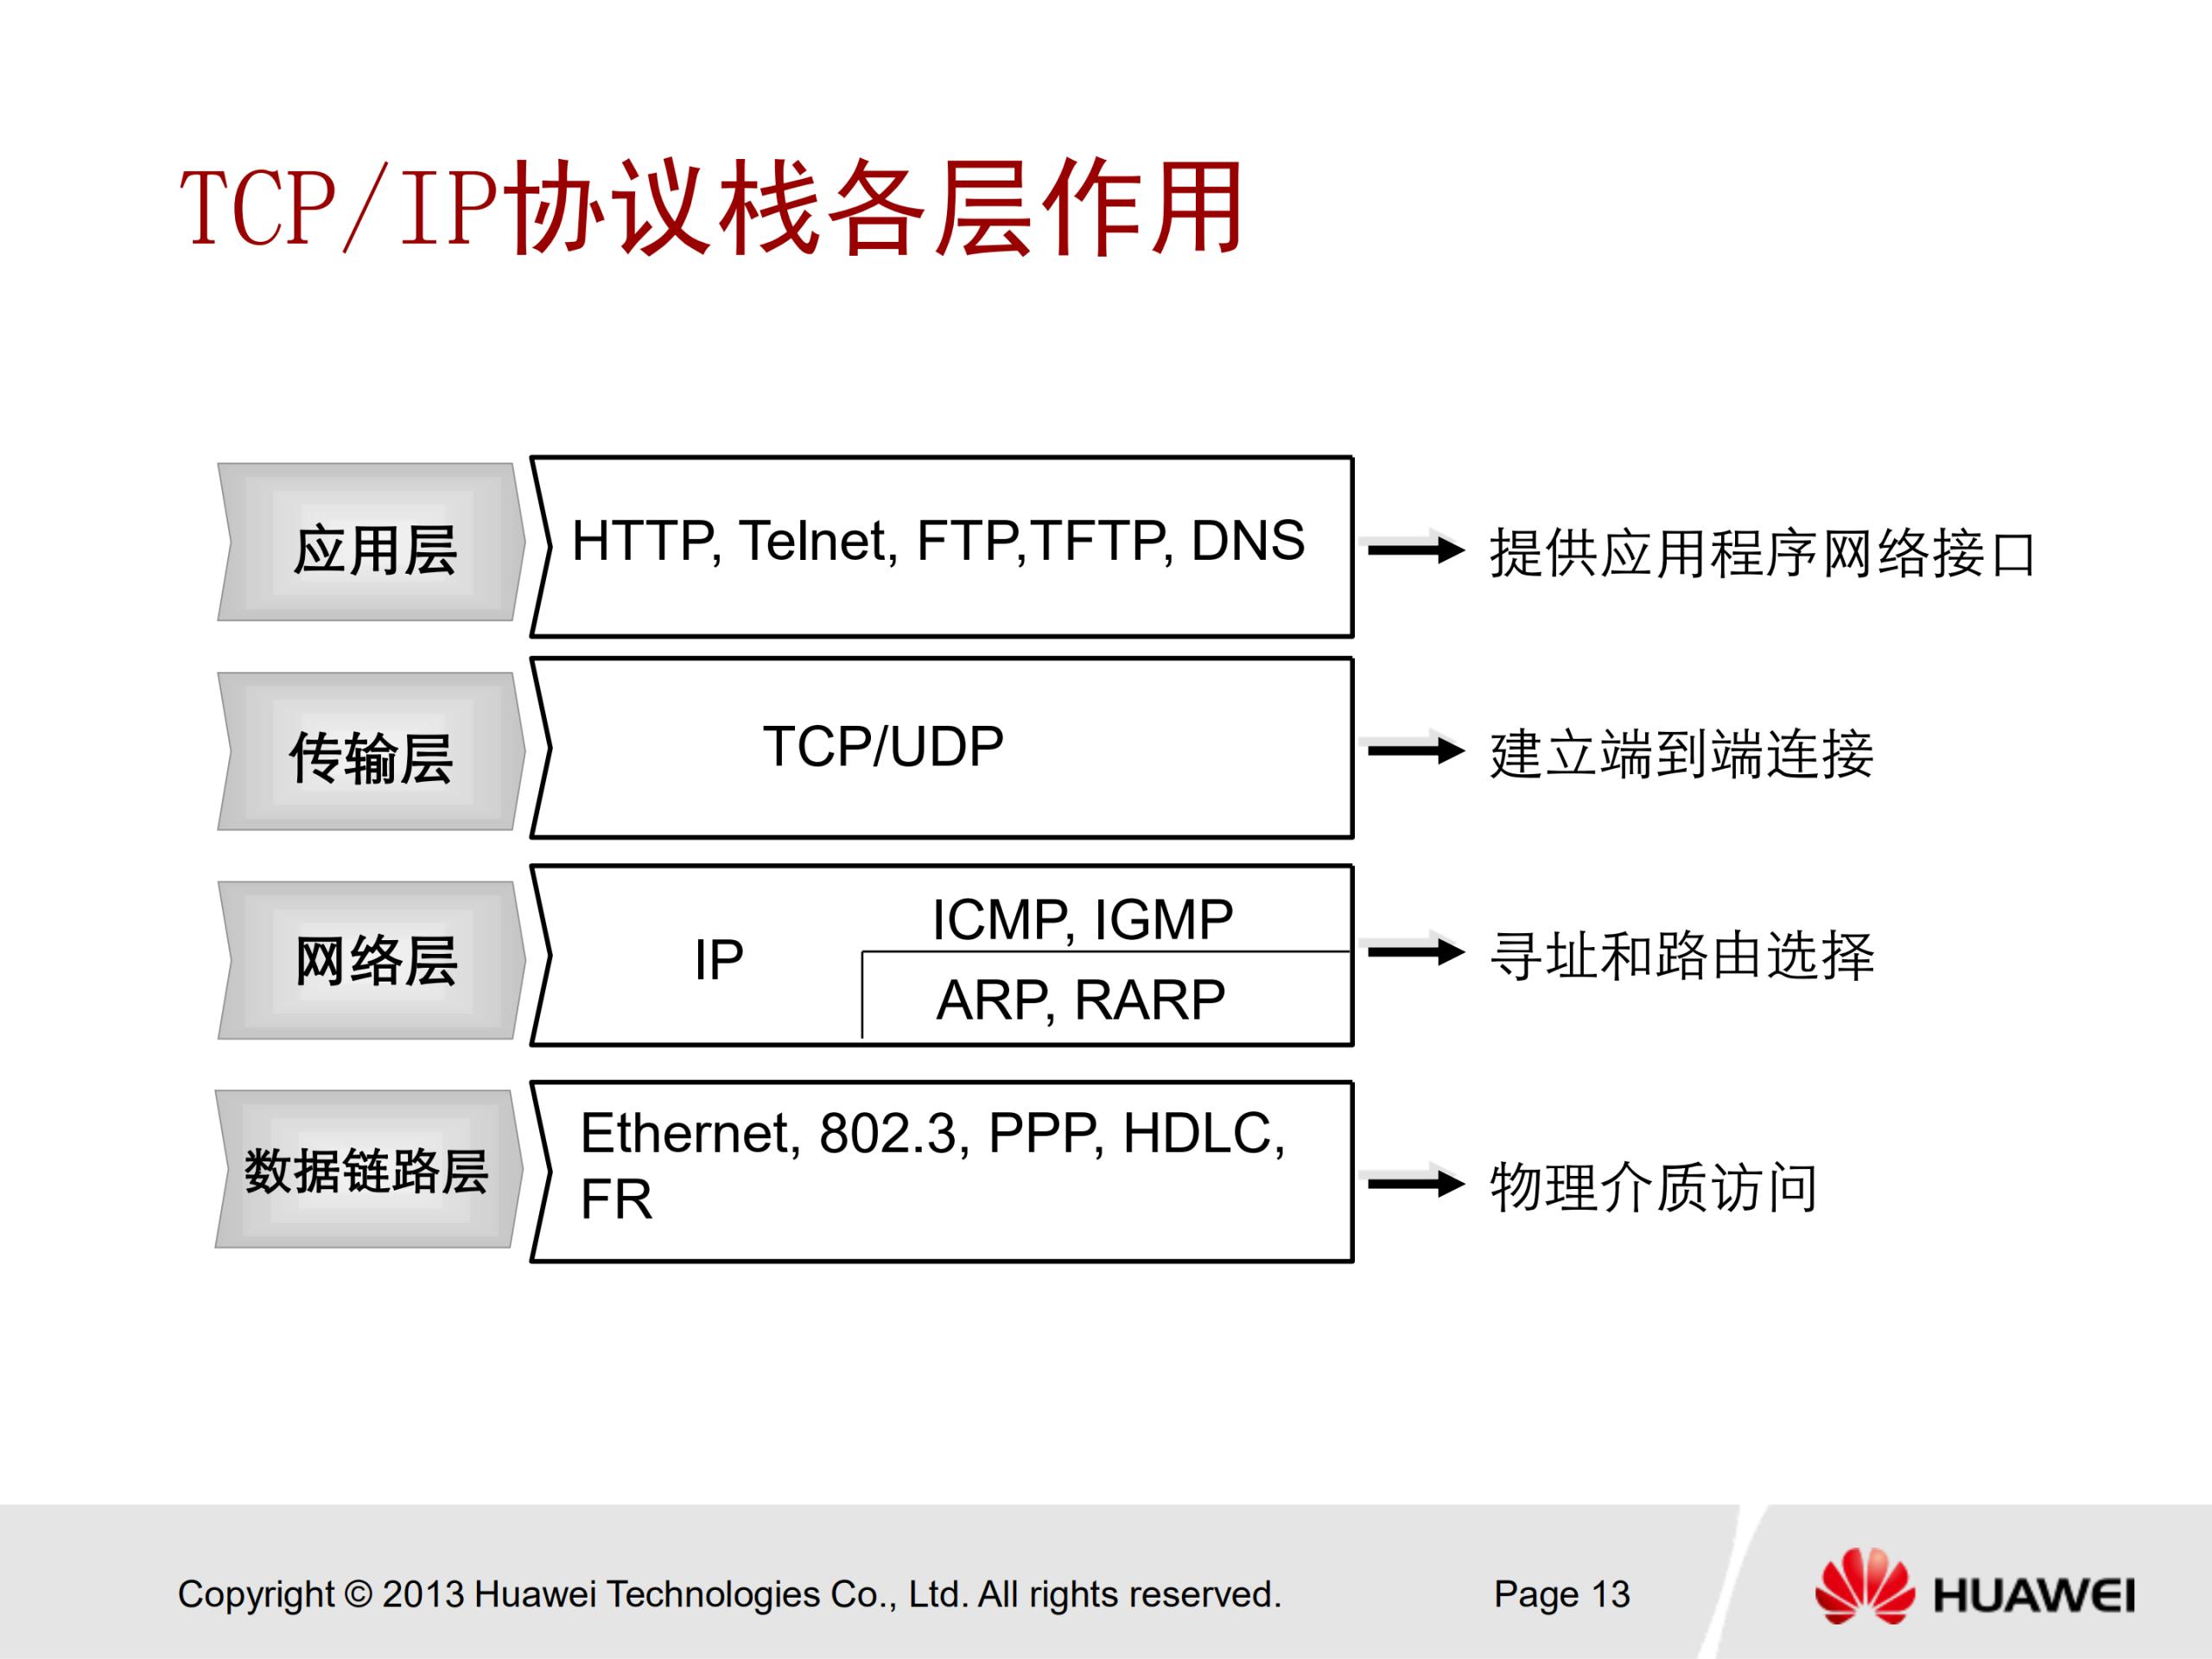 华为安全认证 HCNA Security 中文培训教学PPT V2.0 - 32